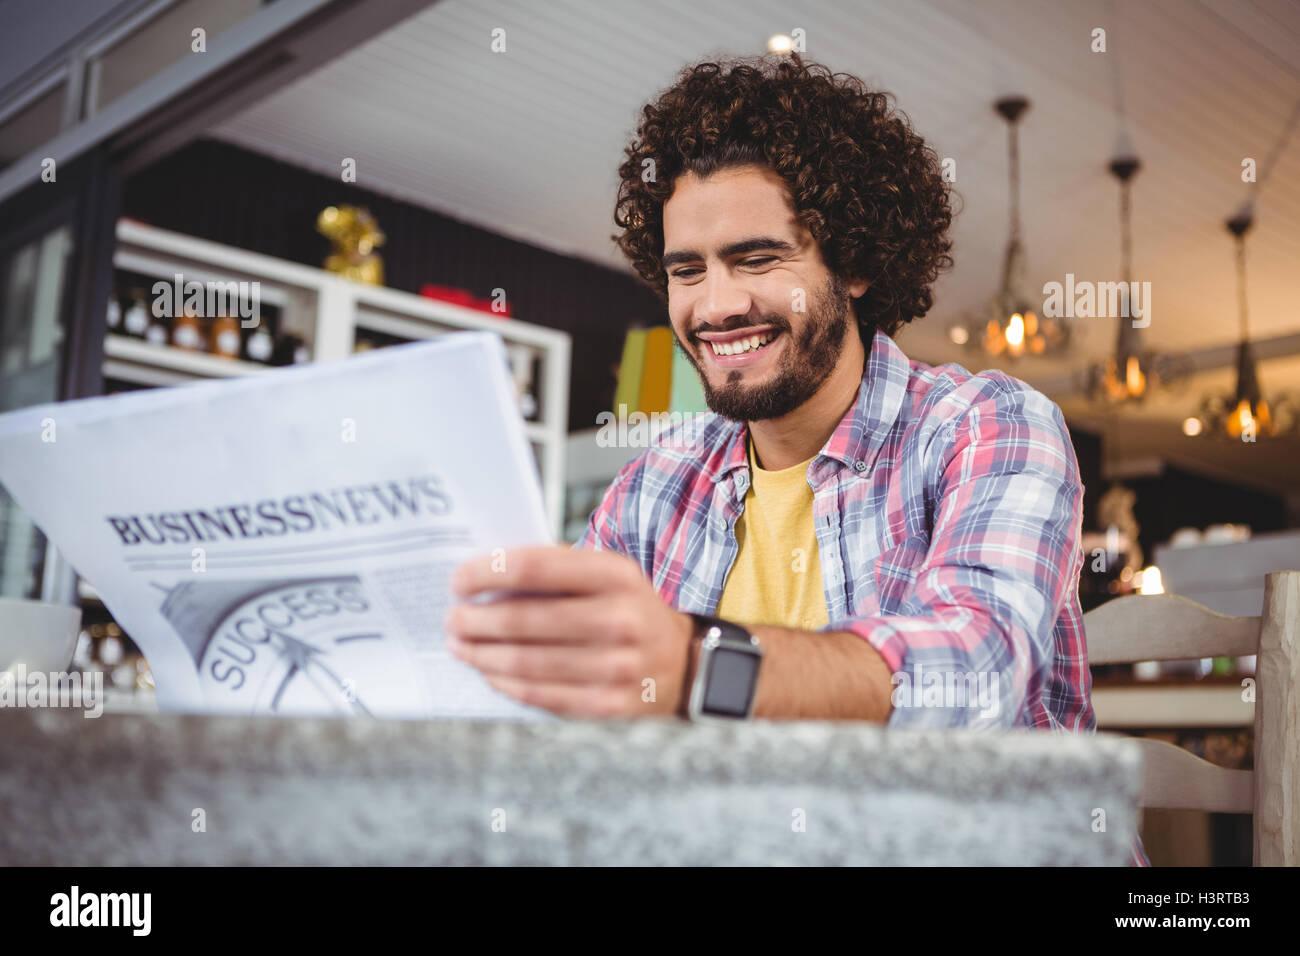 Man smiling tout en lisant le journal Banque D'Images